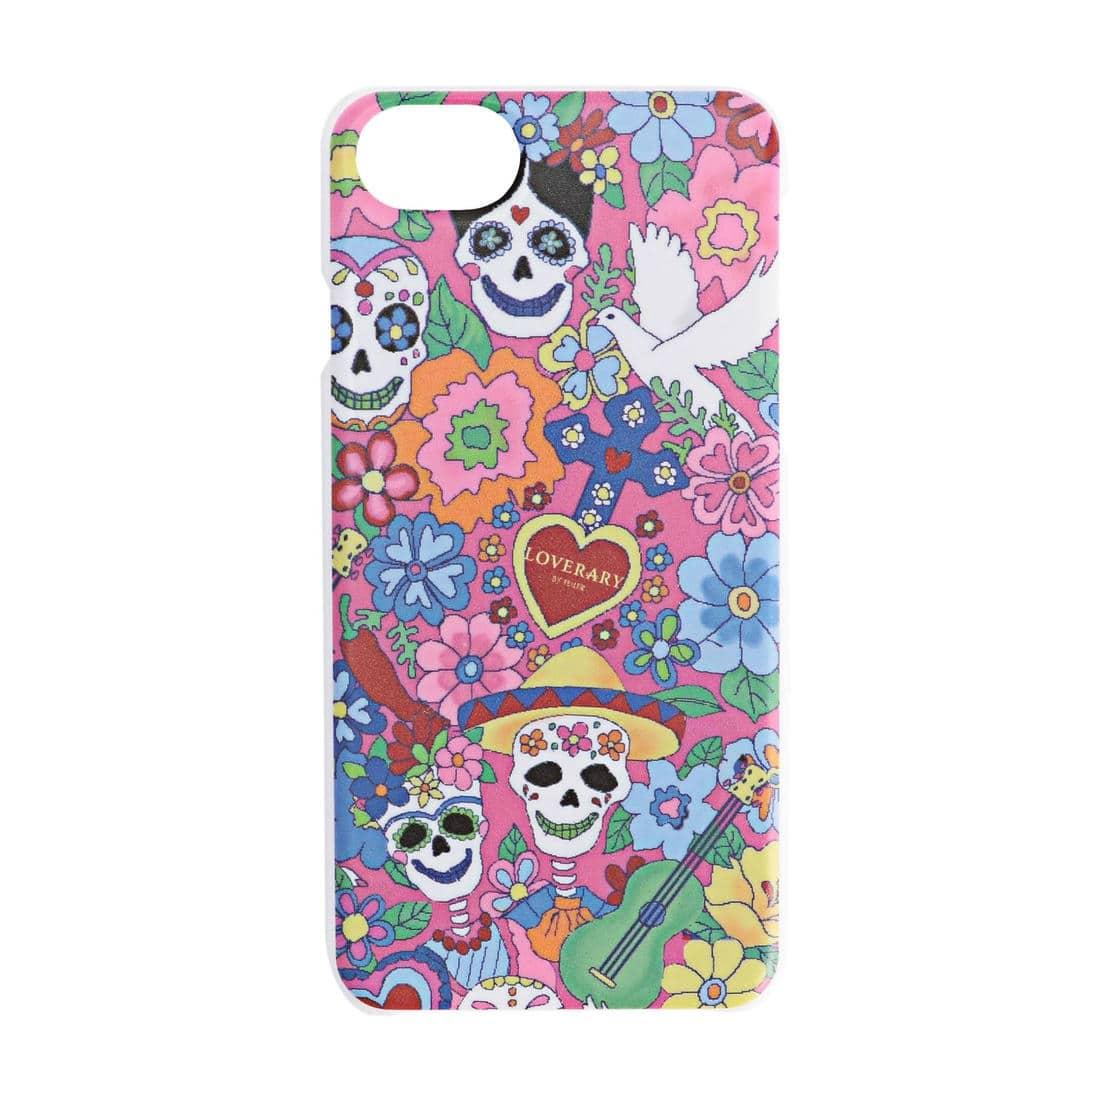 ビバメキシコ iPhoneケース(7・8対応) L/VIM-183083